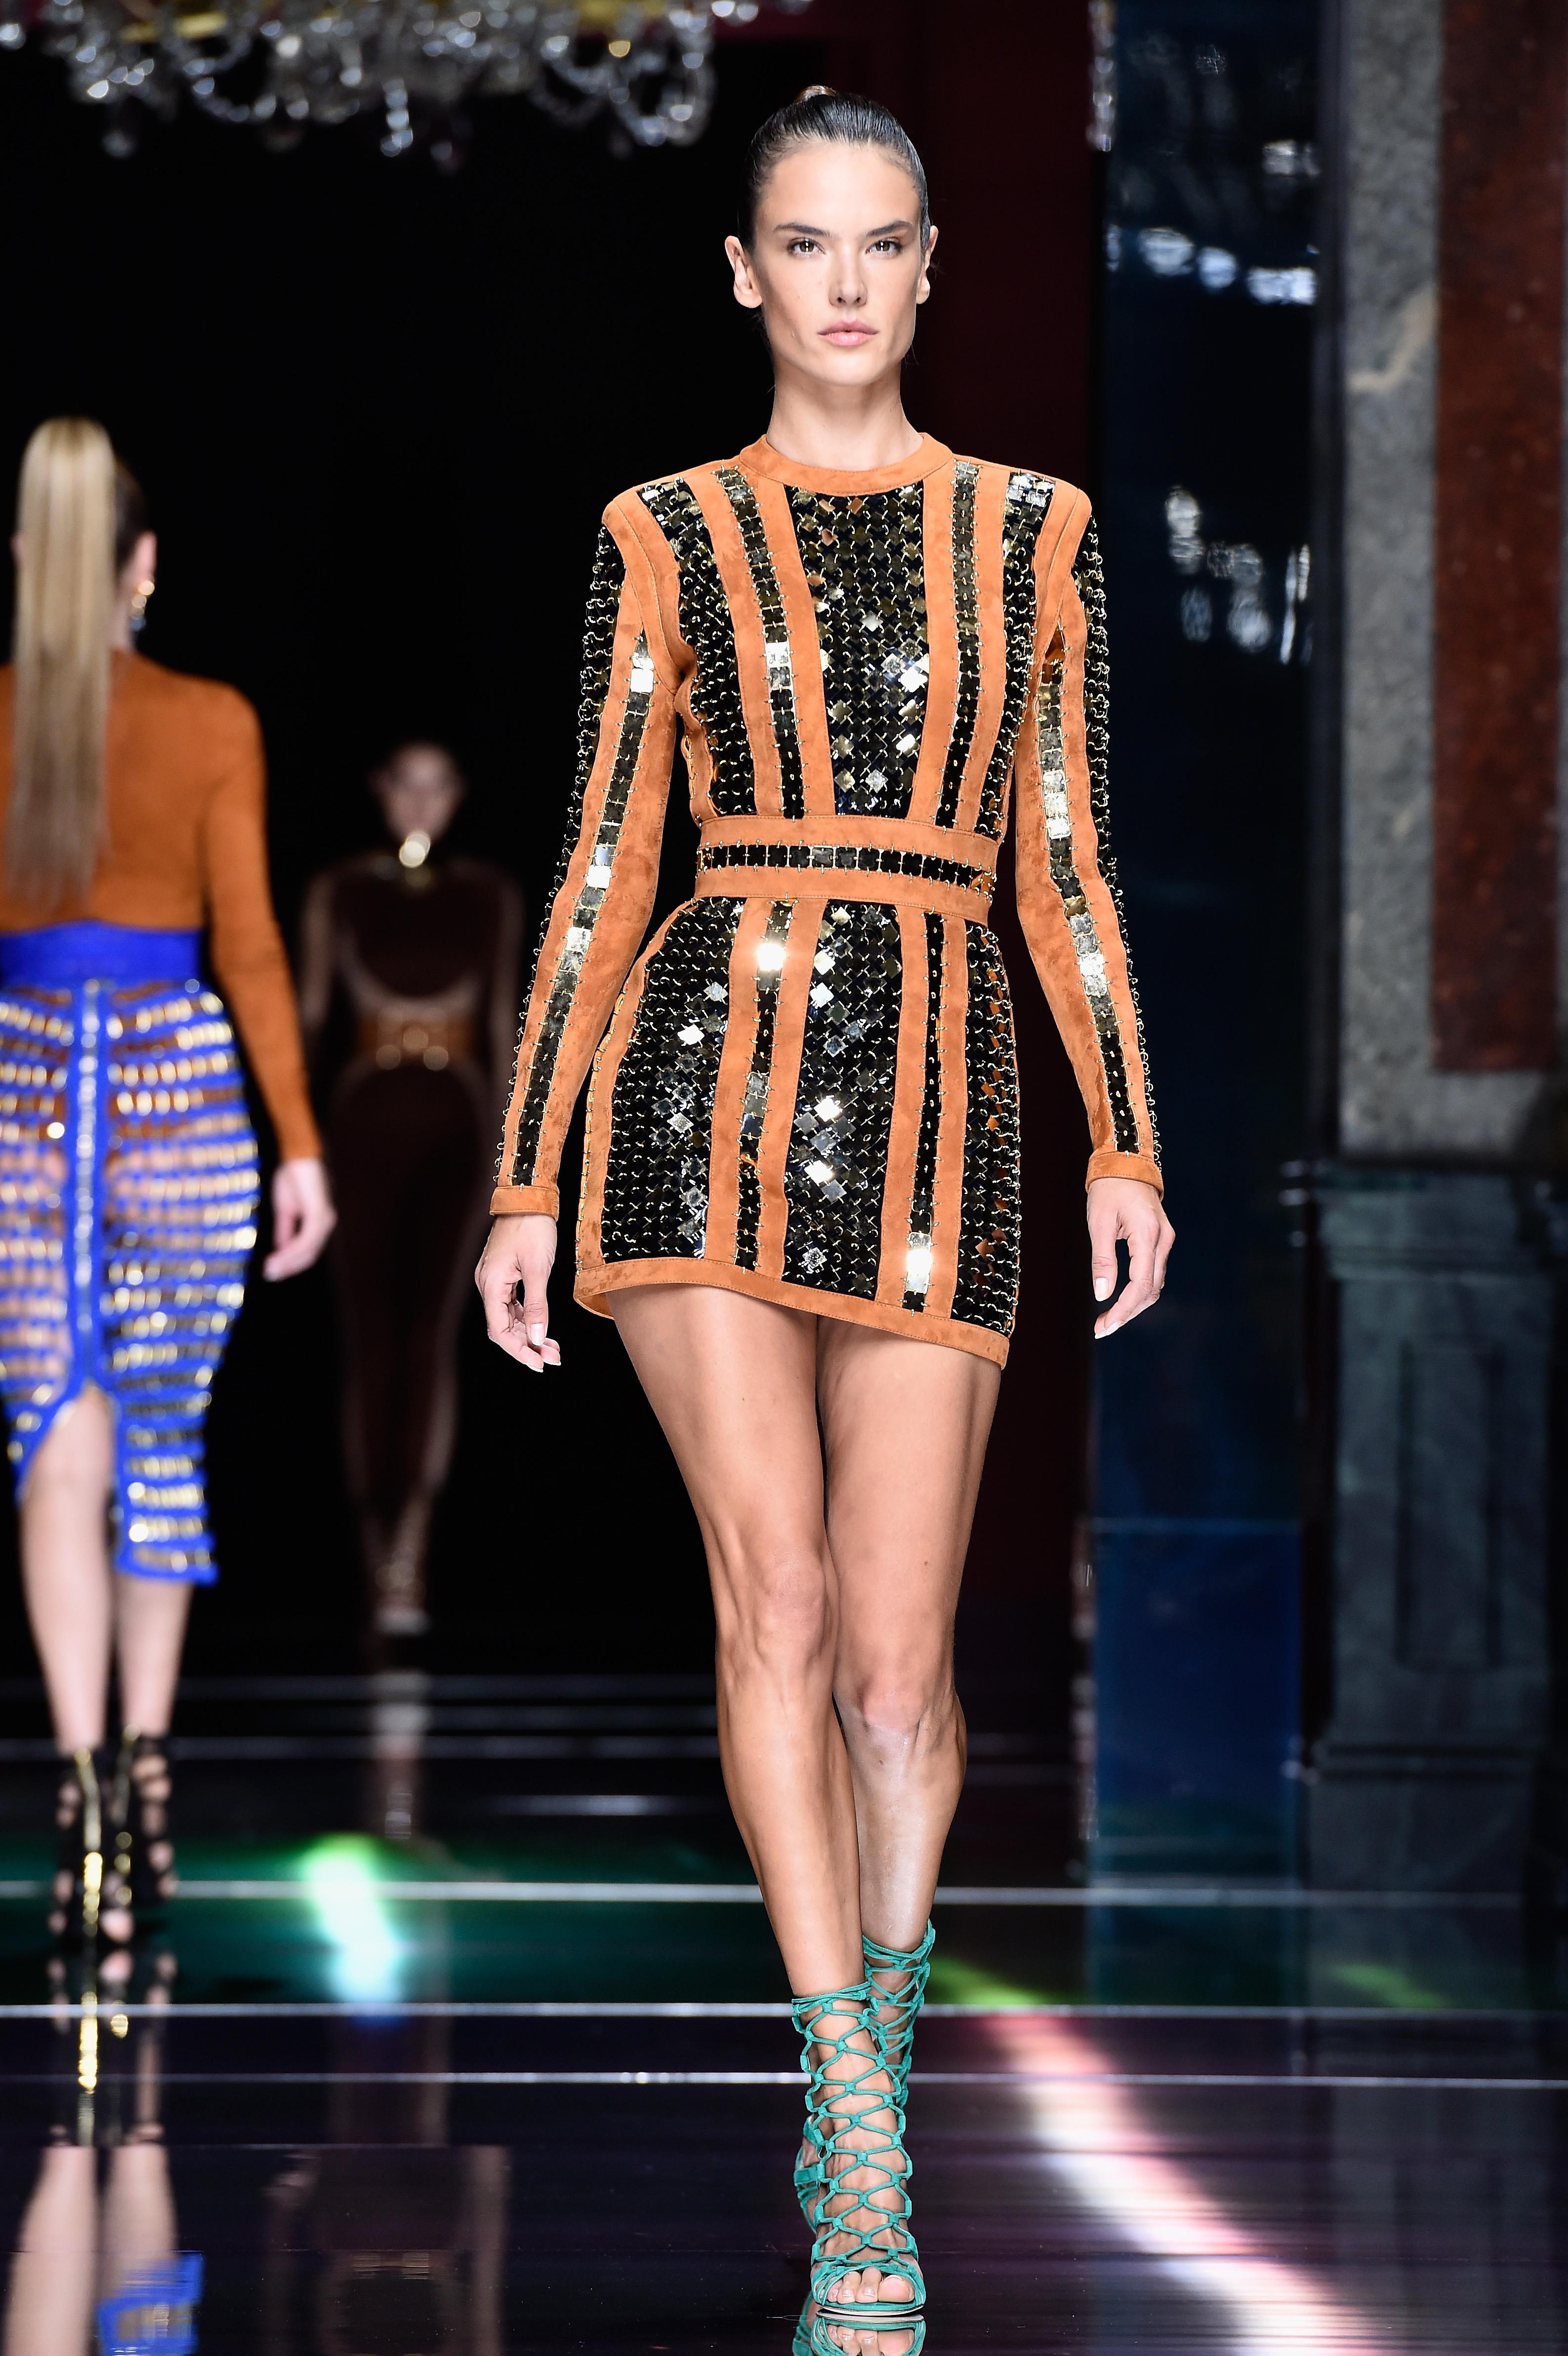 Алесандра Амброзио На 12-годишна възраст Амброзио започва с курсове по моделстване в Бразилия. След спечелени безброй състезания, младата Алесандра продължава със същото хоби, но по цял света. Освен безброй световни кампании и дефилета, тя е един от ангелите на Victoria's Secret със 17-годишен стаж в дефилета им.